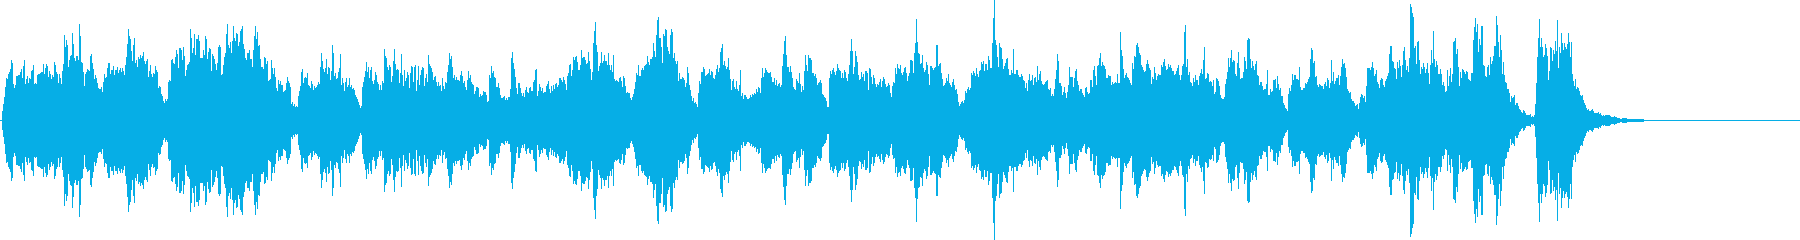 いかにも眠たそうな曲の再生済みの波形